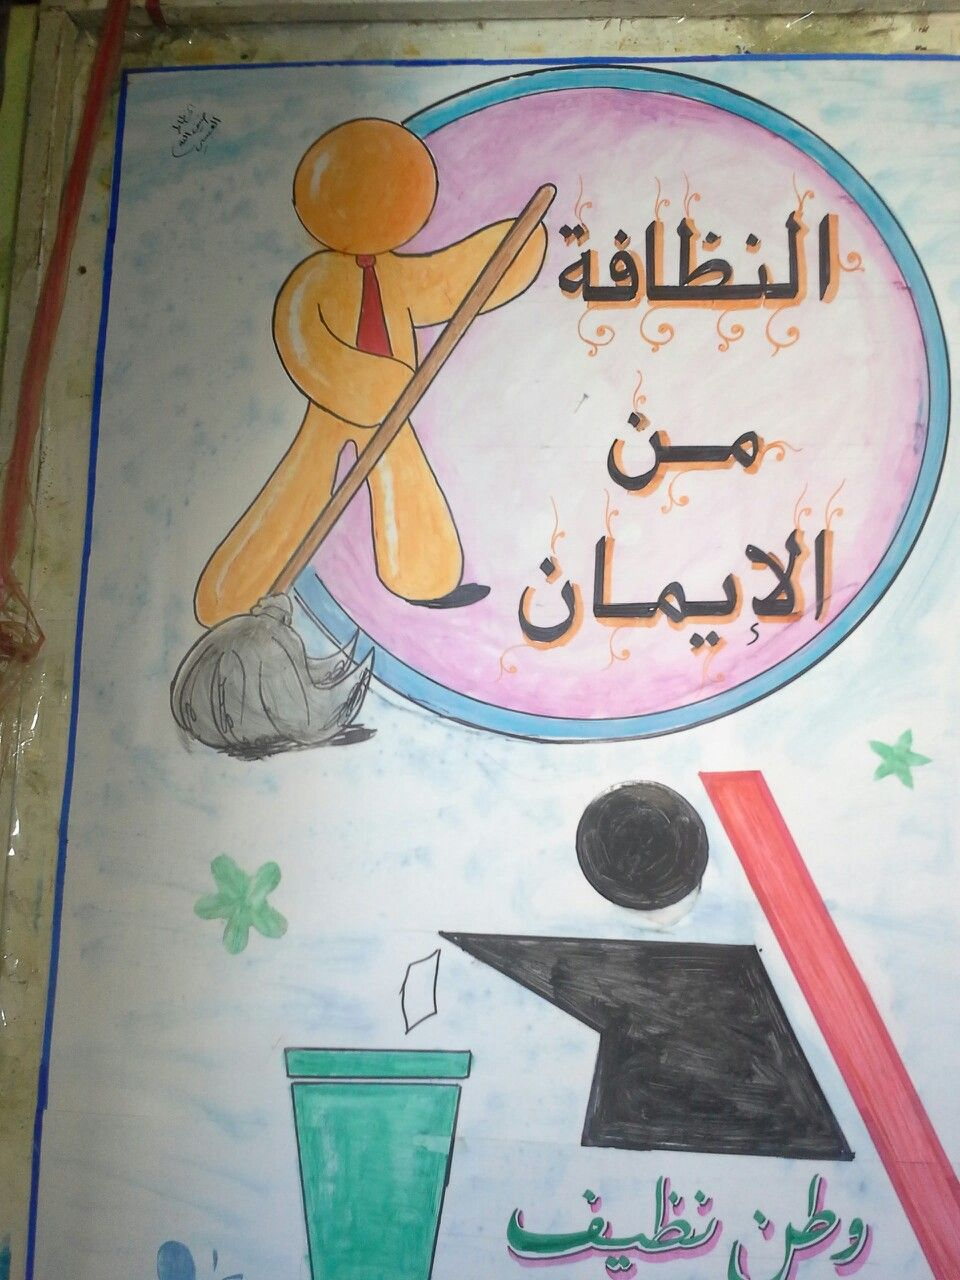 لافتة عن النظافة